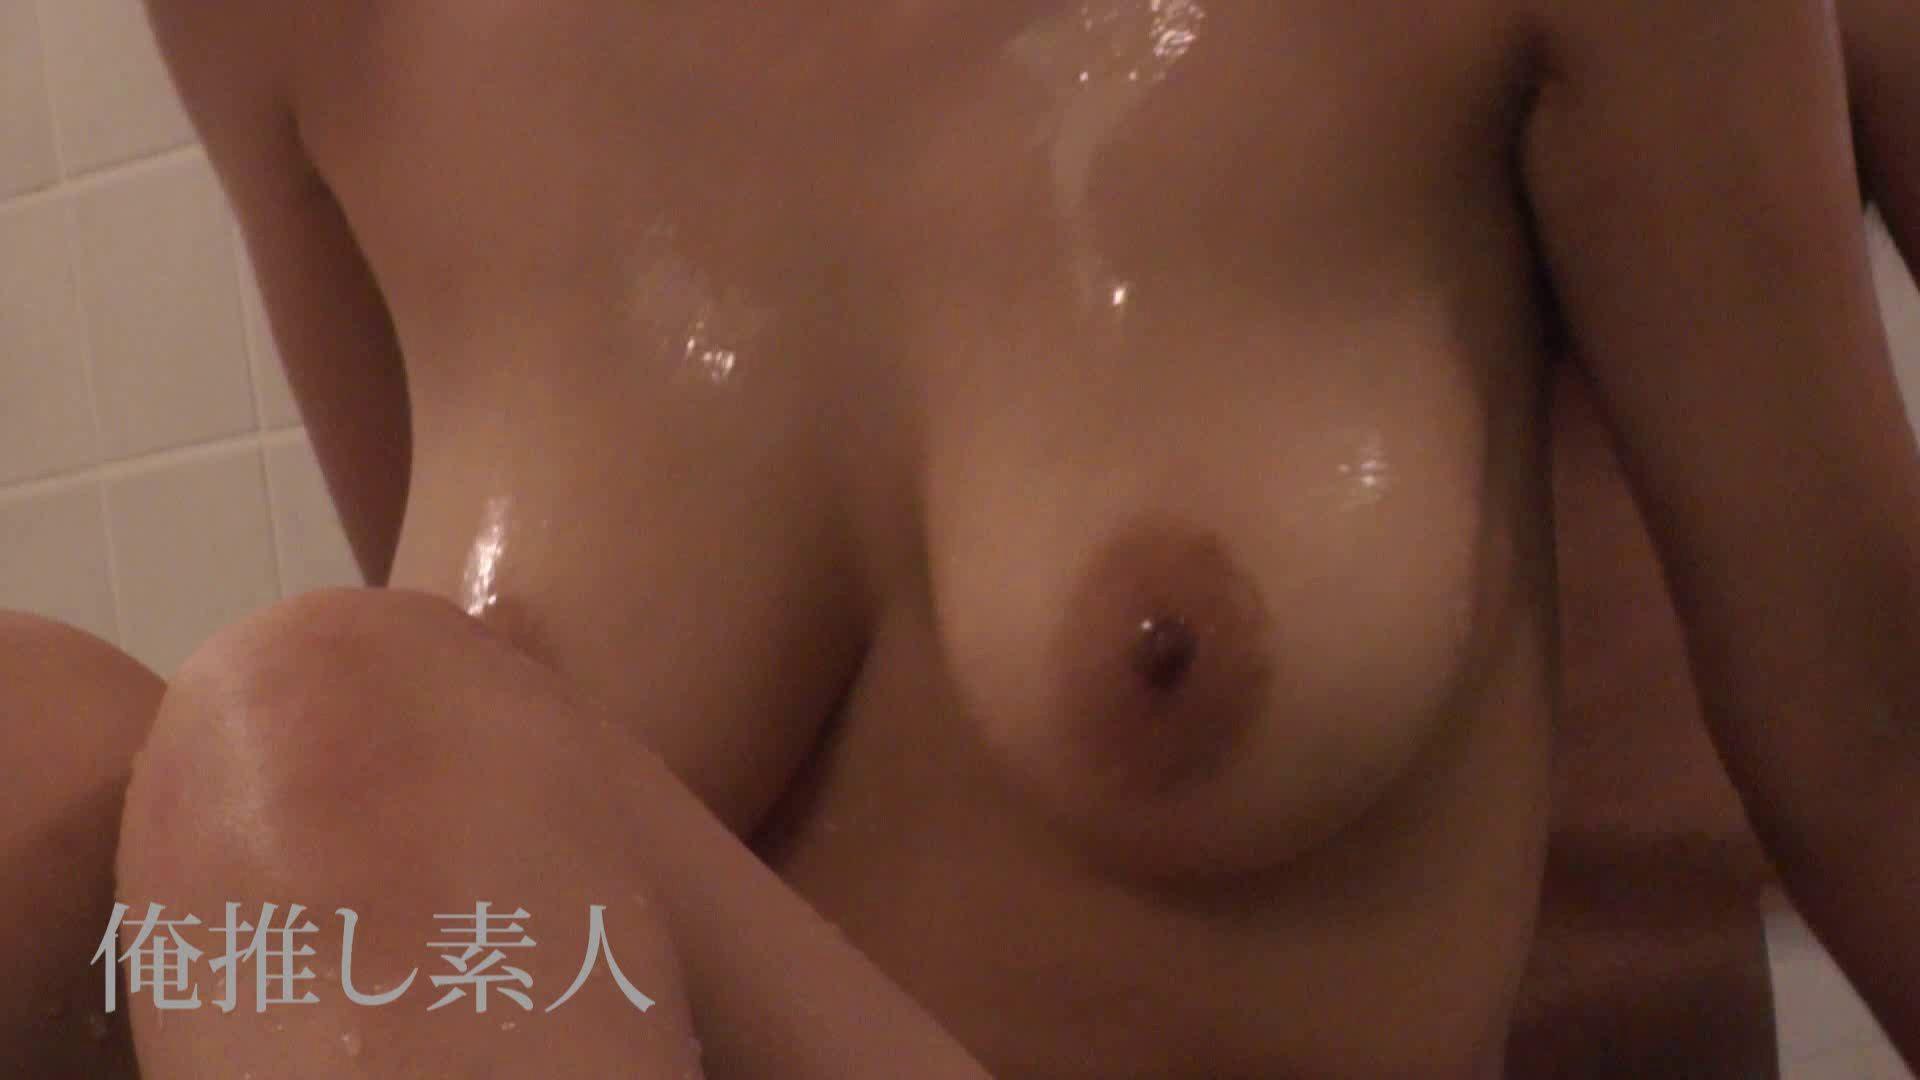 俺推し素人 30代人妻熟女キャバ嬢雫Vol.02 熟女のエロ生活 | ギャルのおっぱい  69連発 67